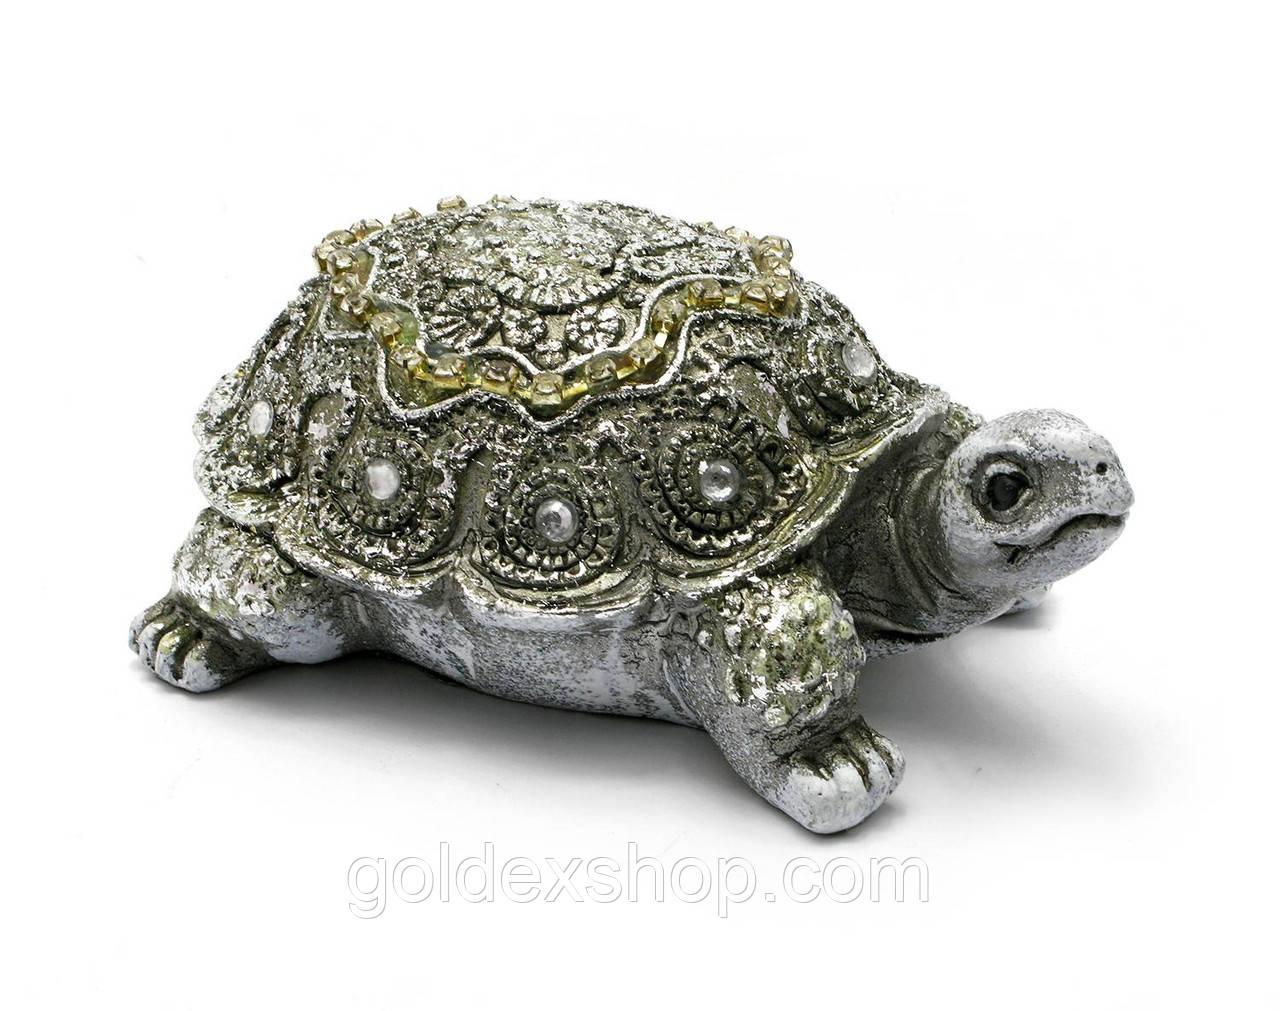 Черепаха (13,5х5х7,5 см)